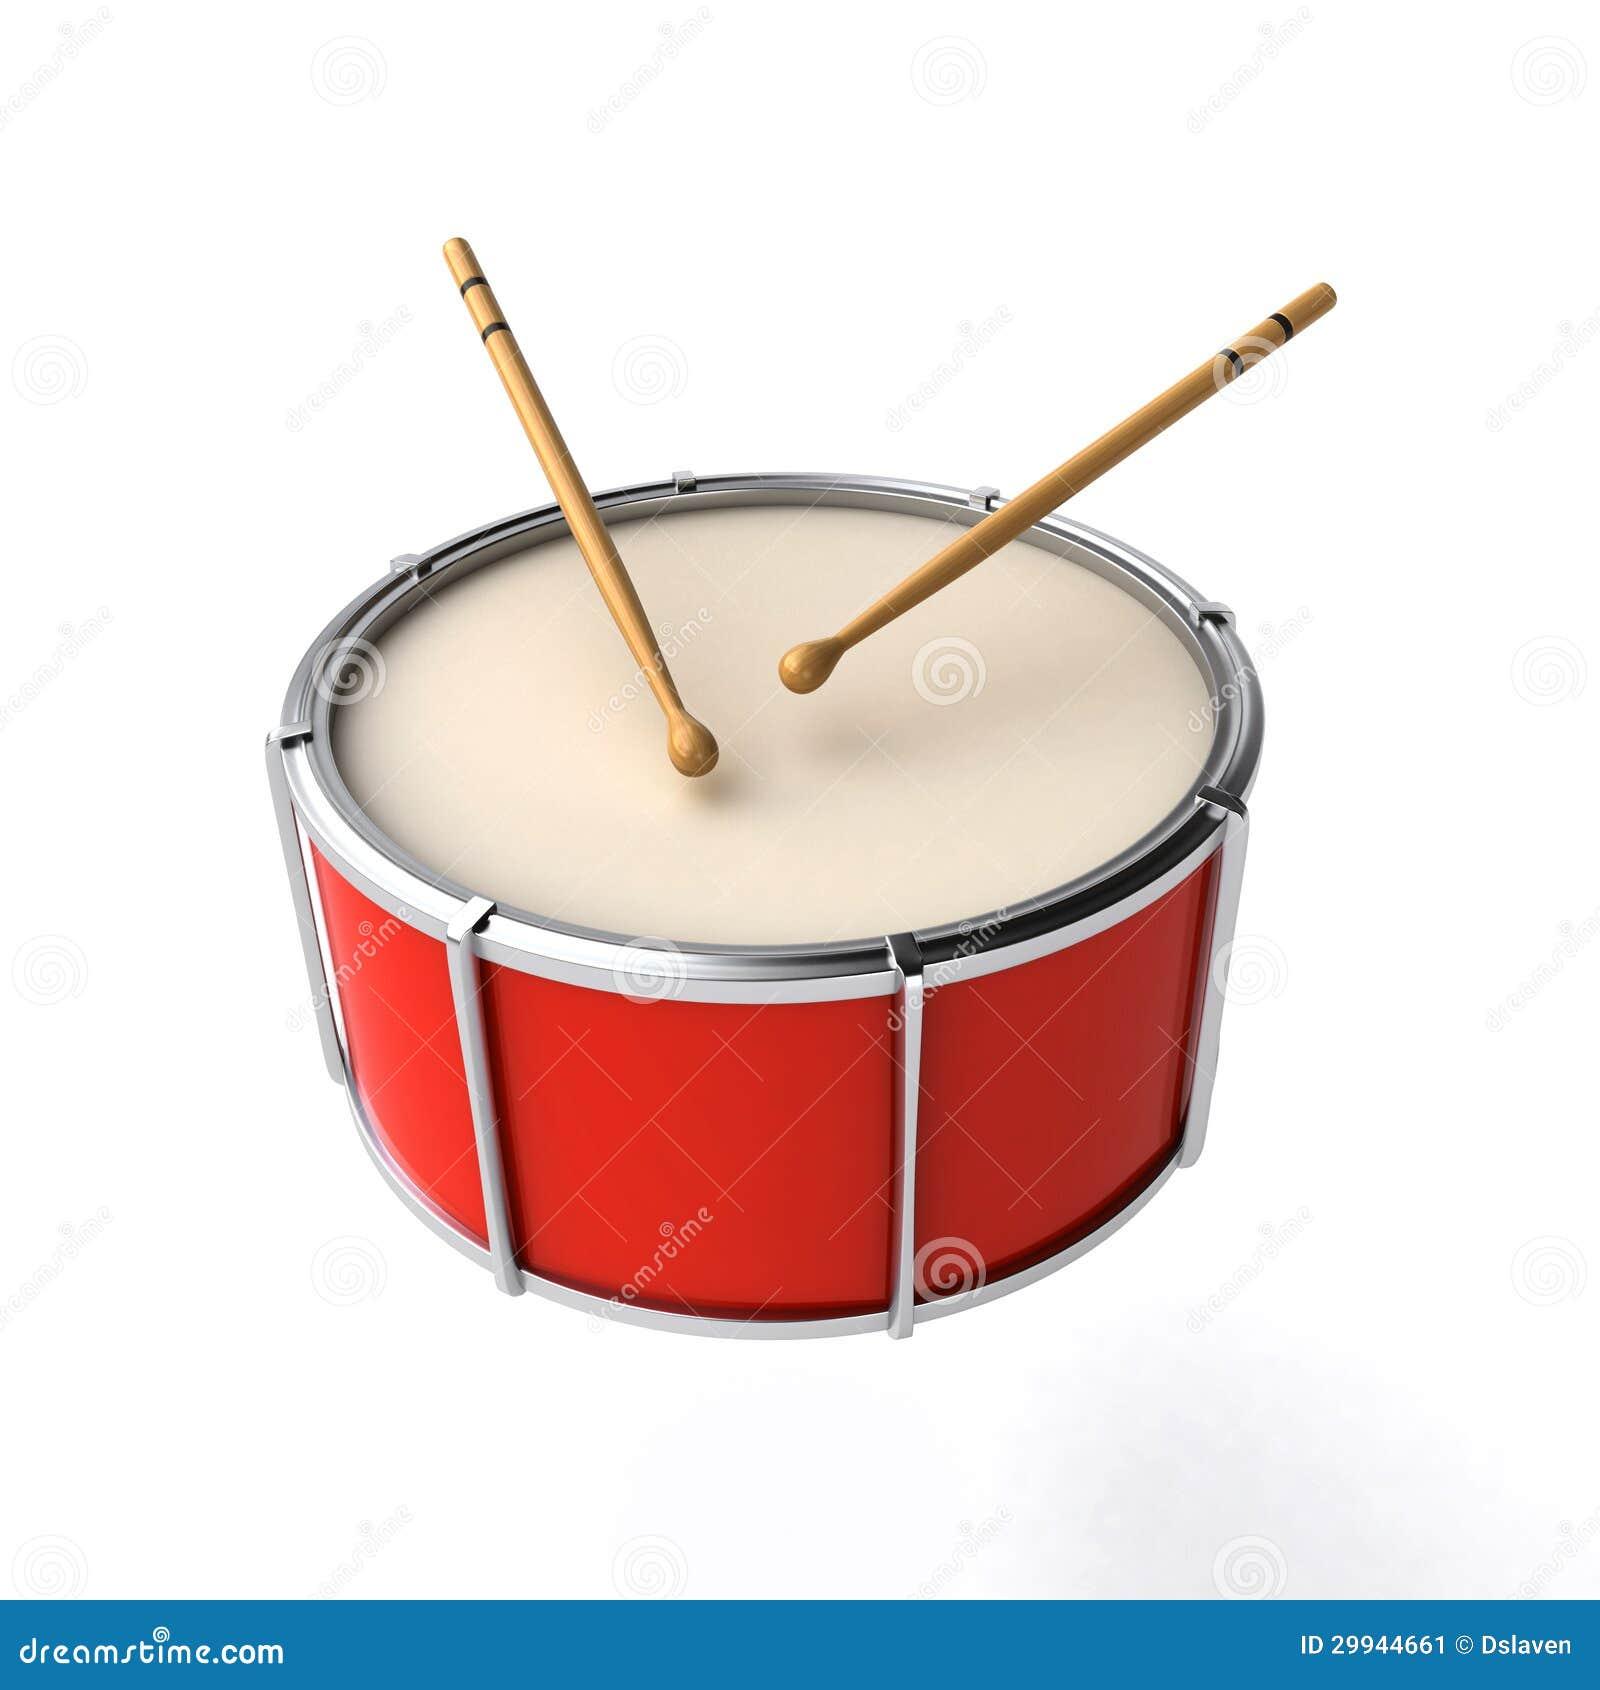 drum with sticks stock image image 29944661. Black Bedroom Furniture Sets. Home Design Ideas